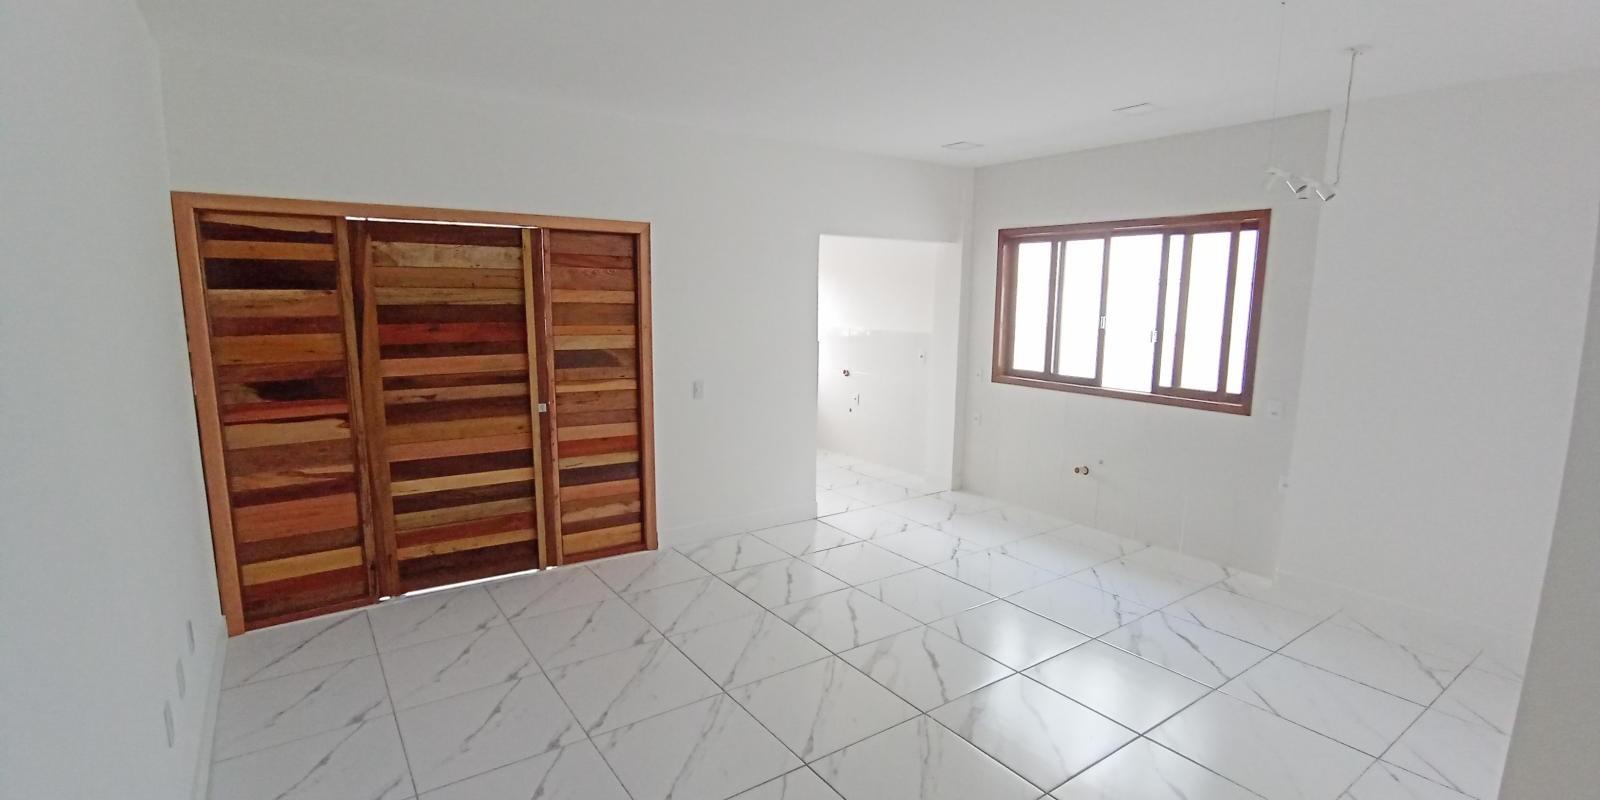 Linda Casa Geminada com 3 Quartos - Foto 7 de 14